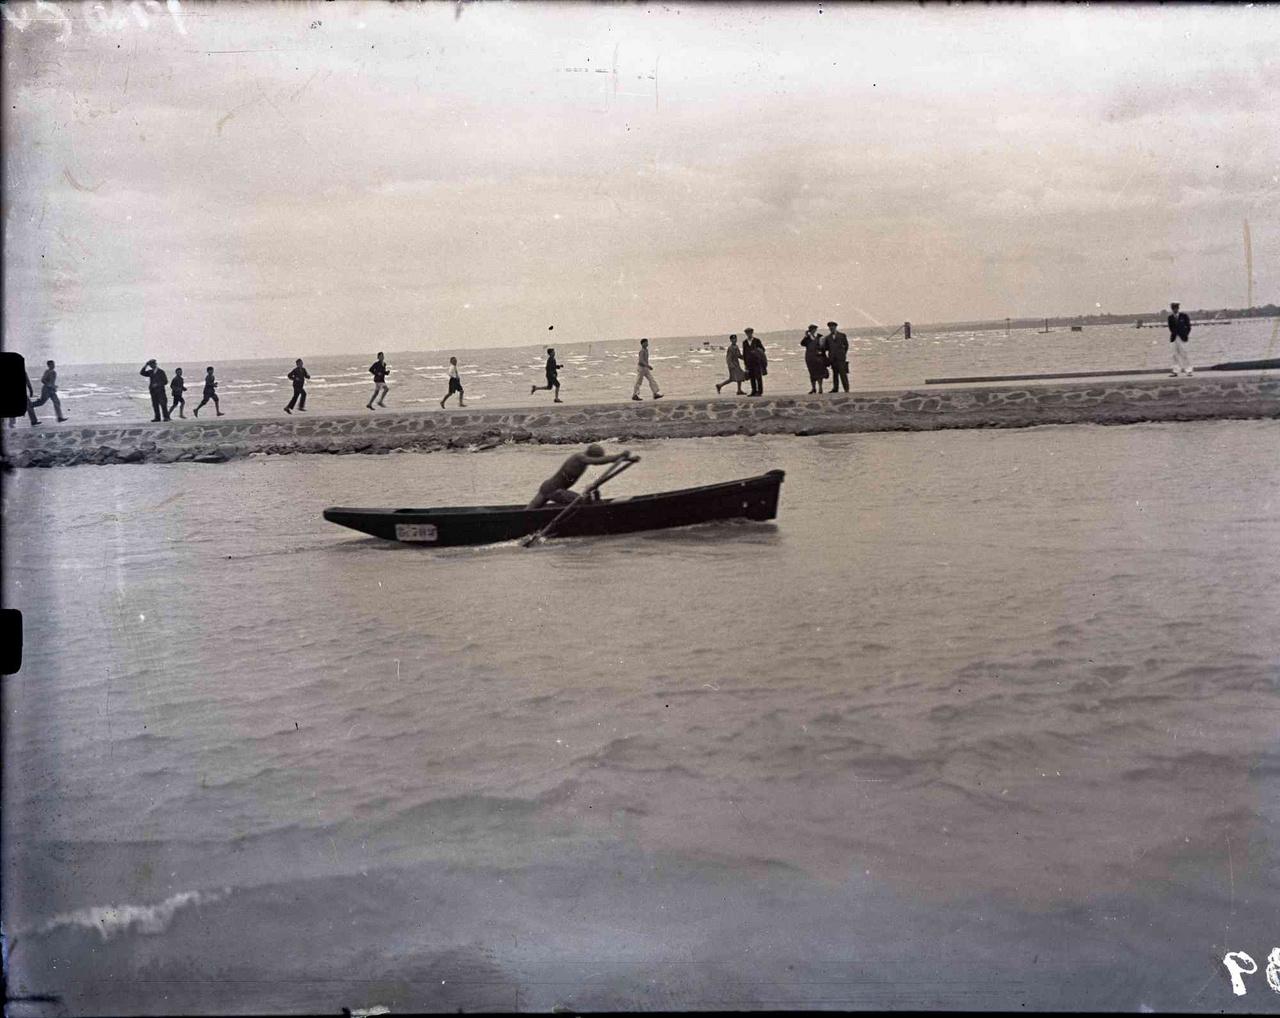 Halászok és hajósok evezős versenye